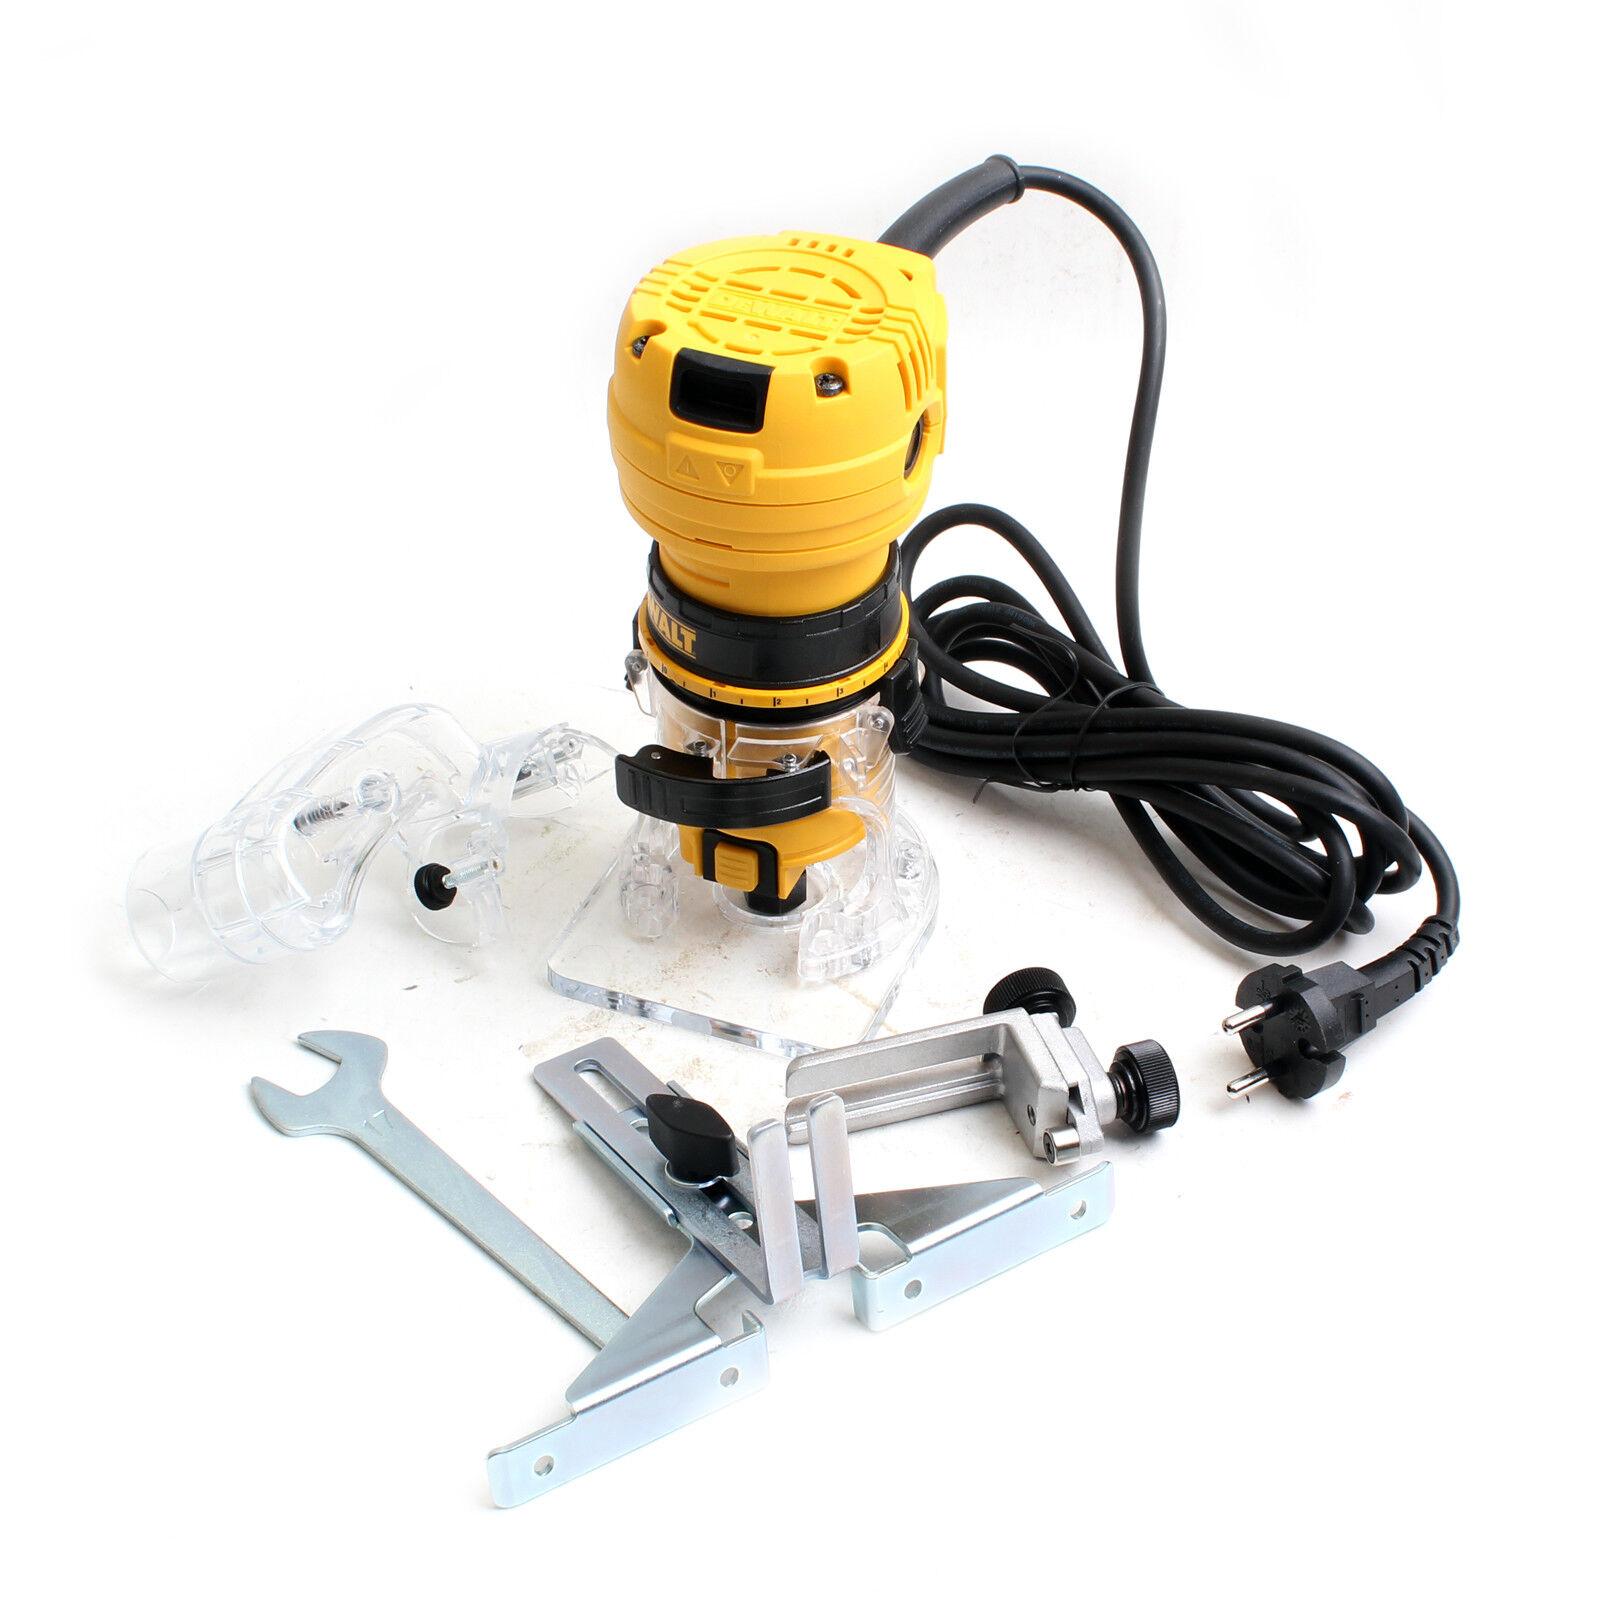 Dewalt Laminate Trimmer Cutter Tool Corded 1 4 In 220V DWE6000